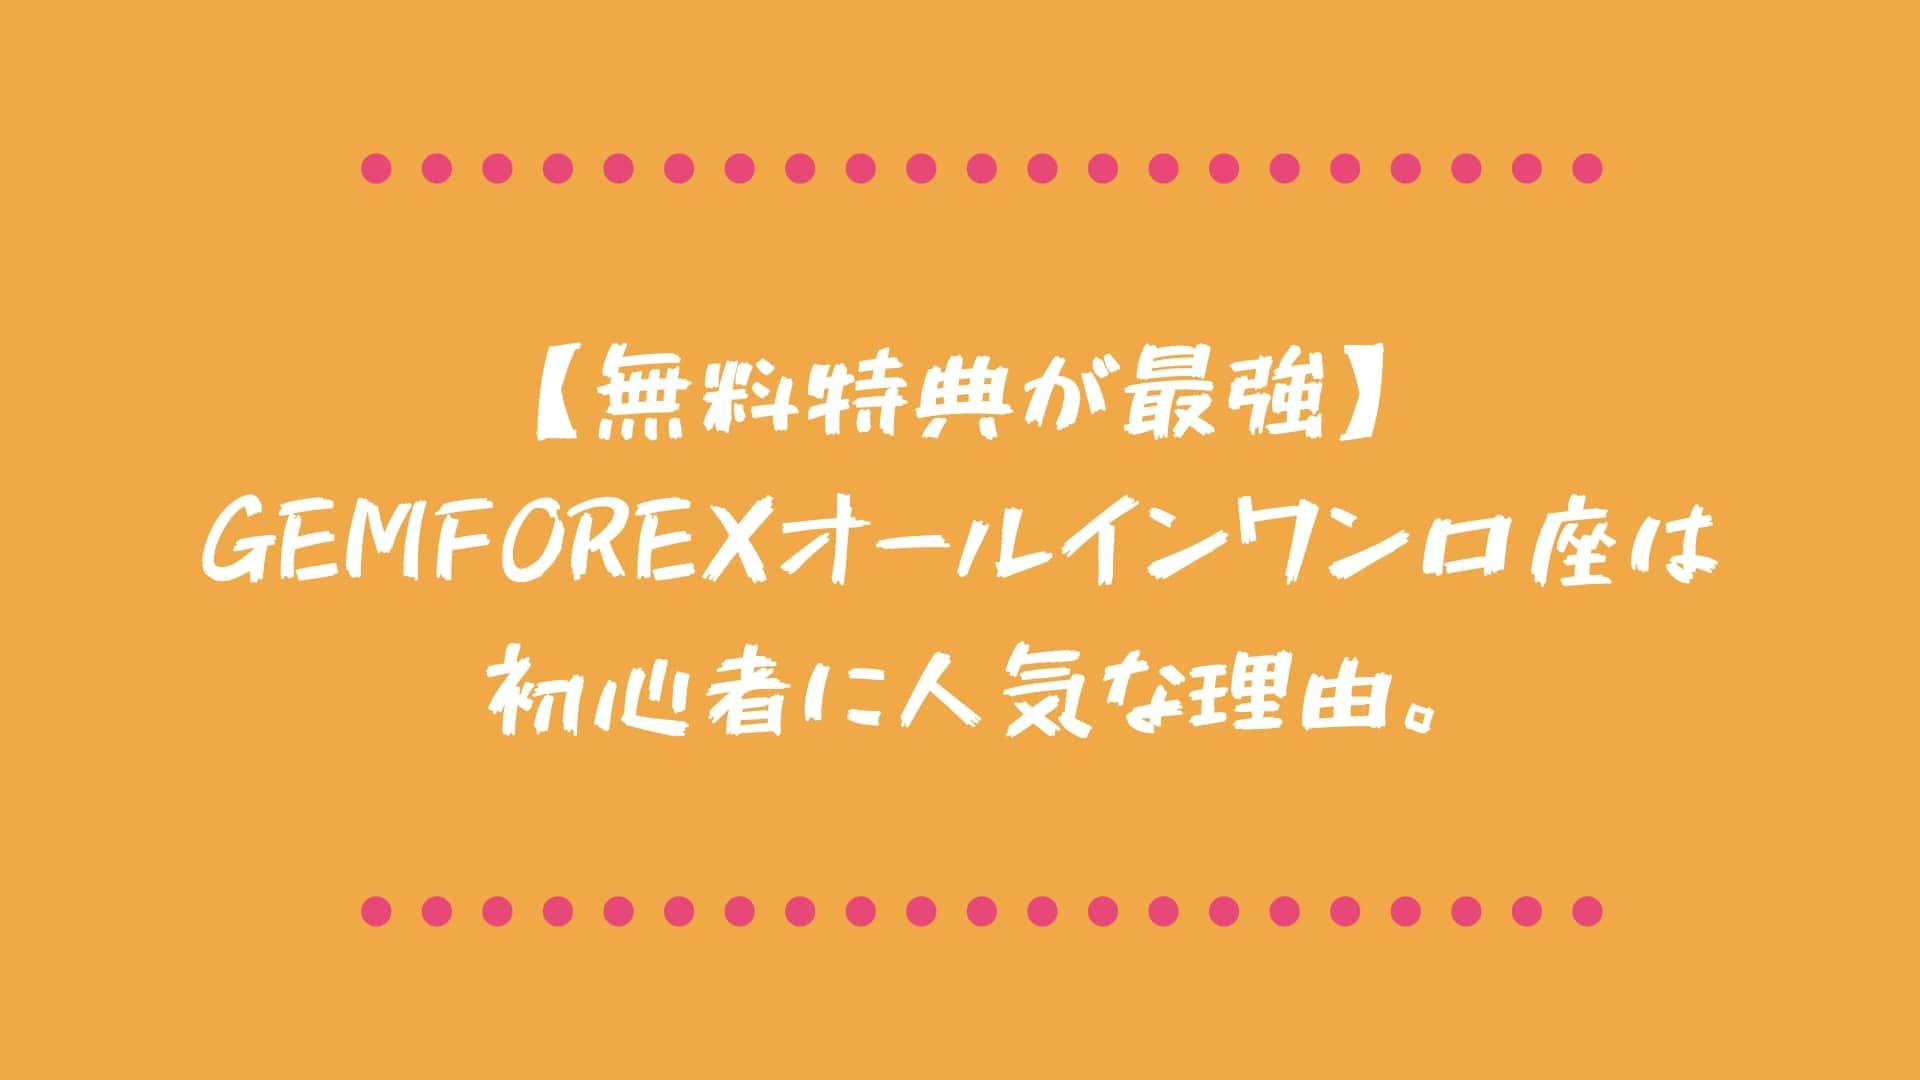 【無料特典が最強】GEMFOREXオールインワン口座は初心者に人気な理由。